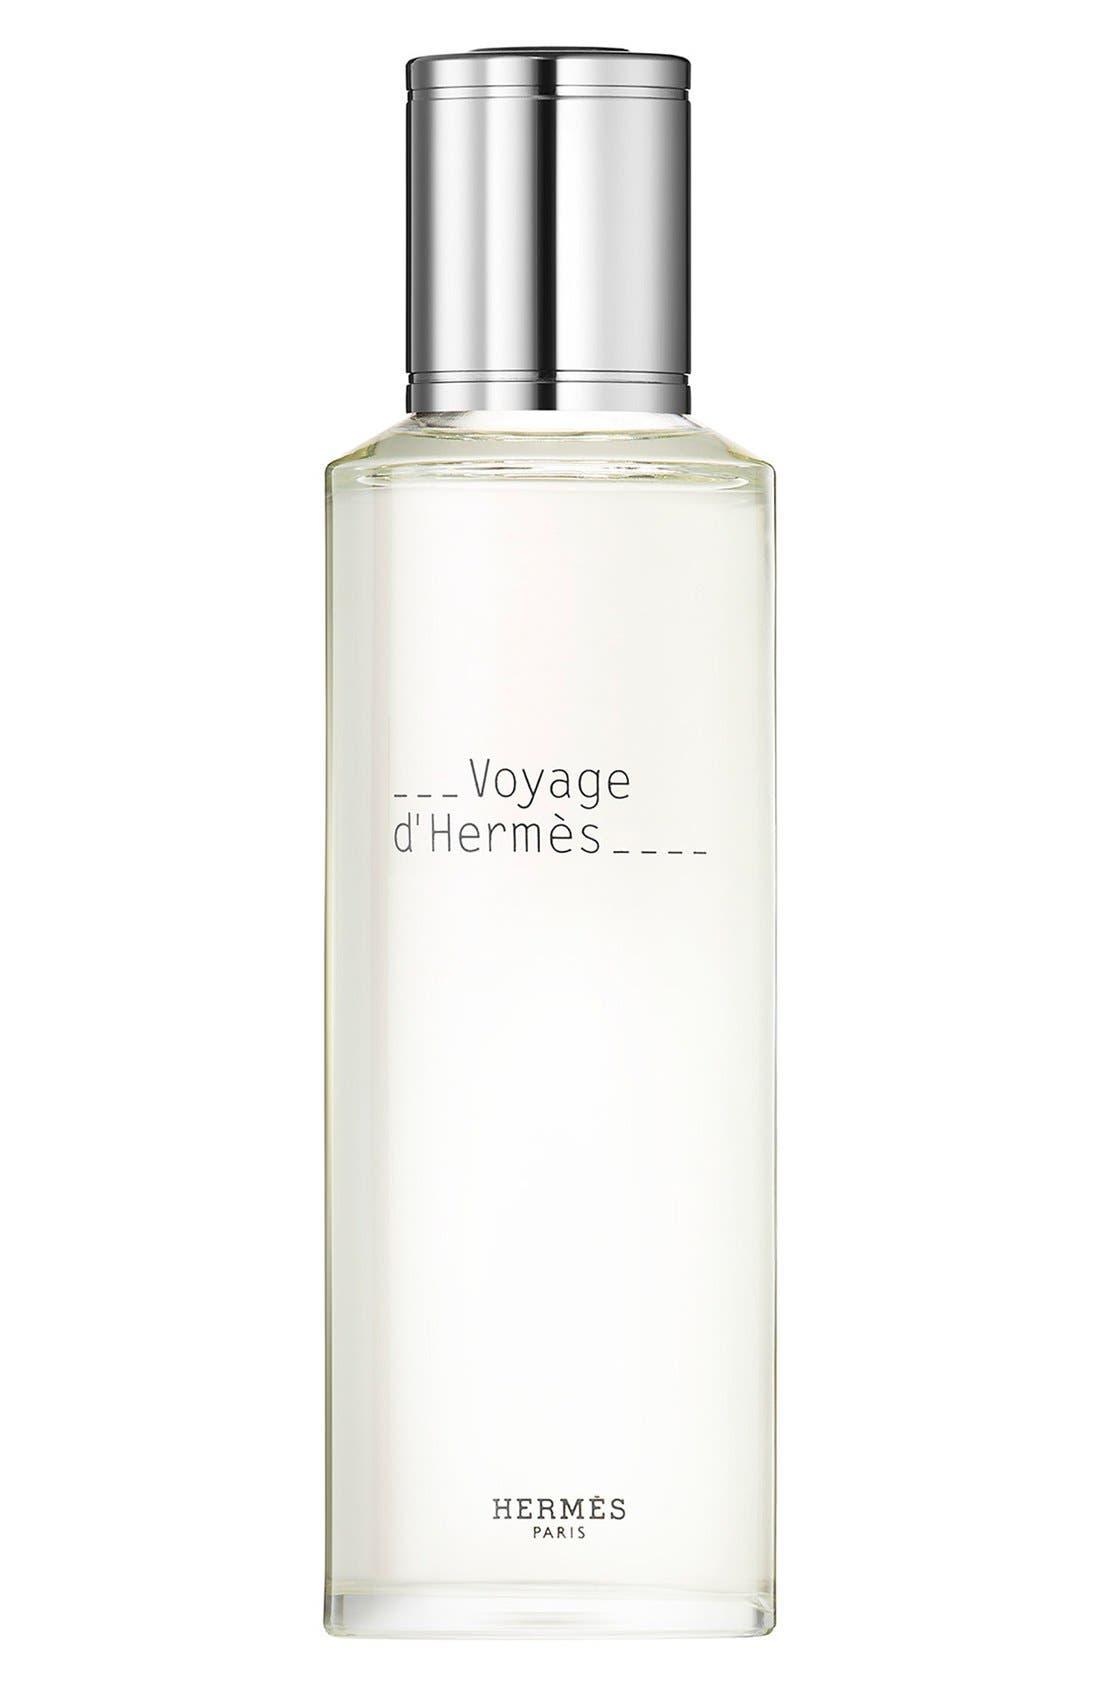 Hermès Voyage d'Hermès - Eau de toilette refill